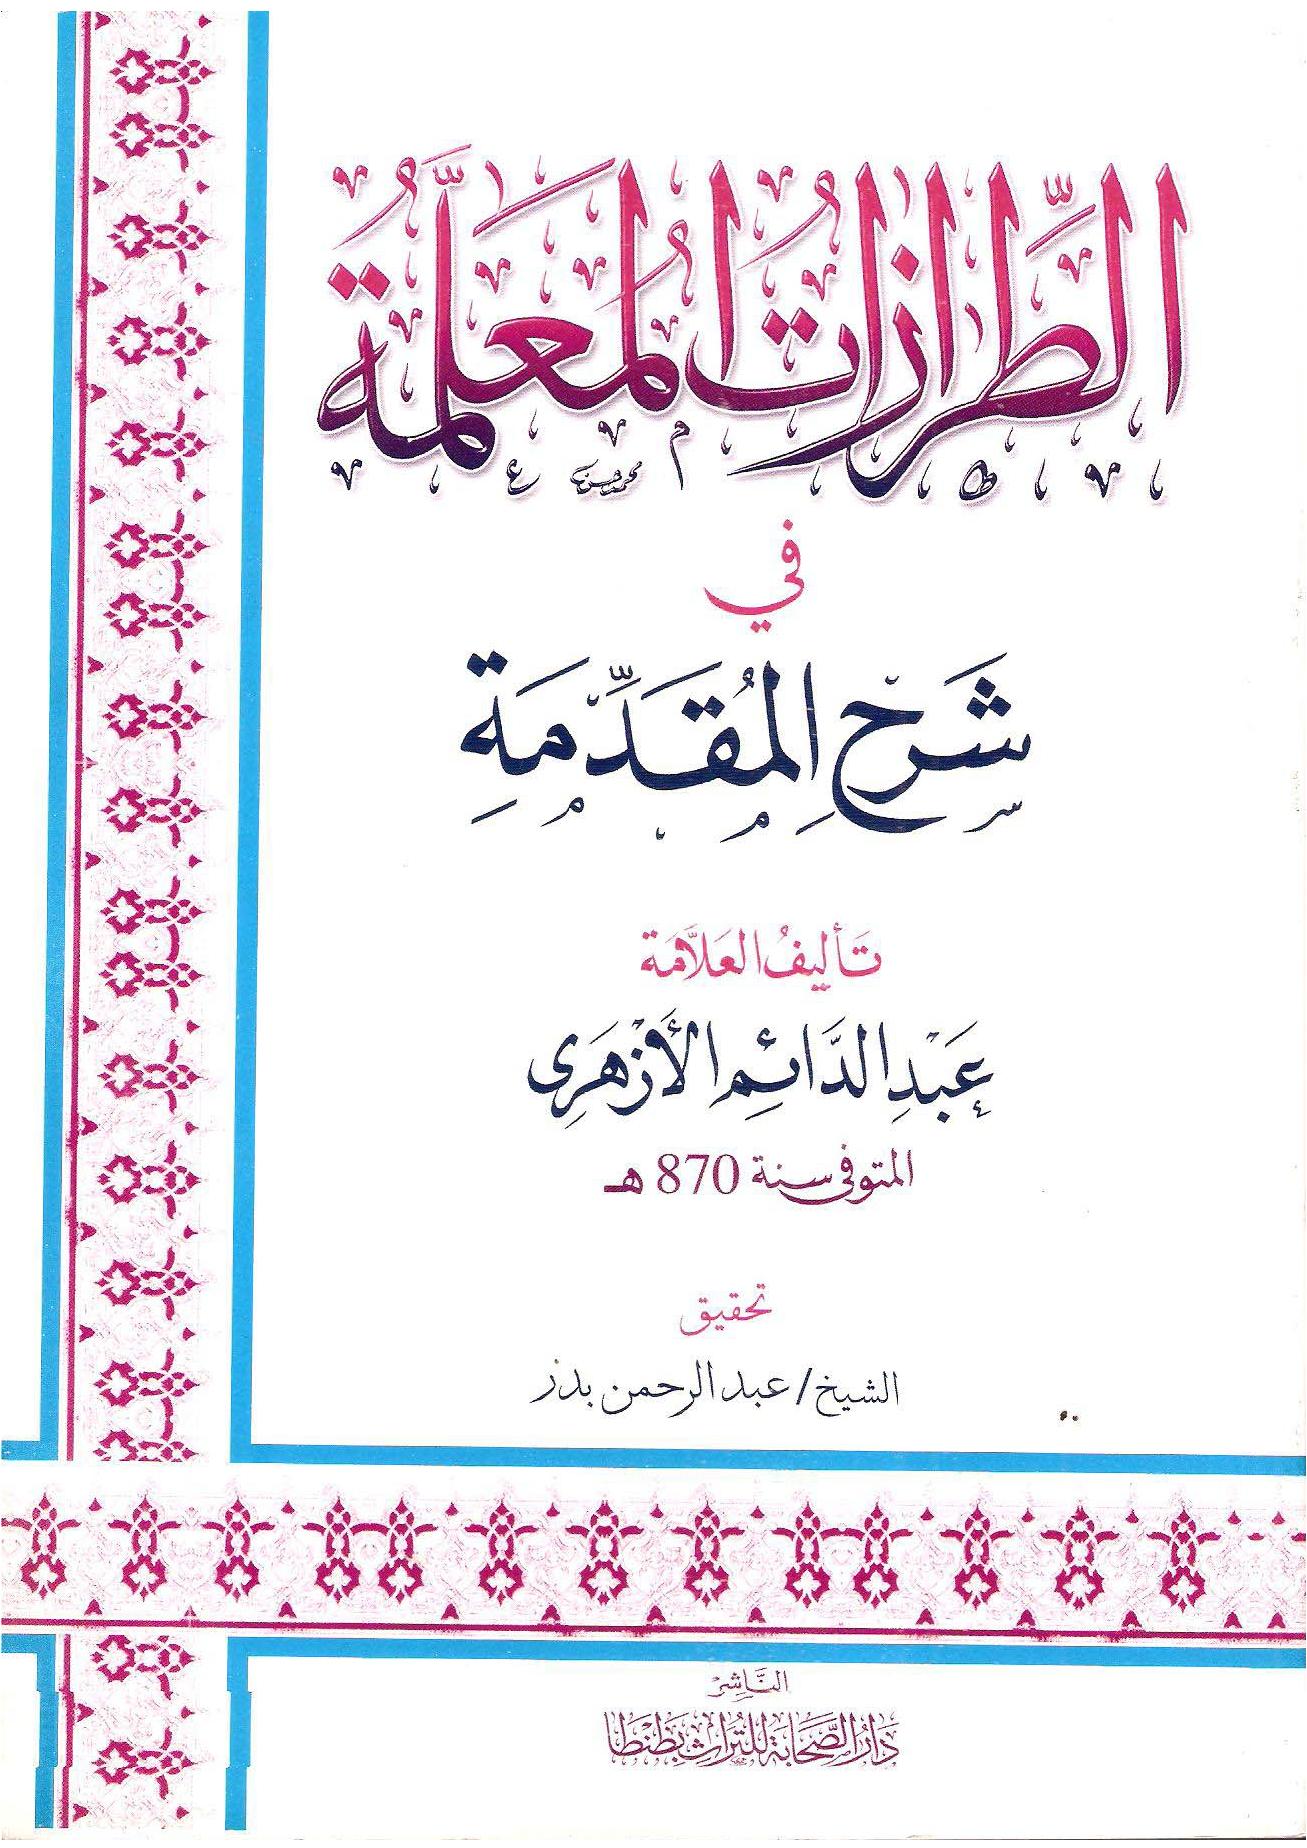 تحميل كتاب الطرازات المعلمة في شرح المقدمة (ت. بدر) لـِ: الإمام أبو محمد عبد الدائم بن علي الحديدي الأزهري الشافعي (ت 870)